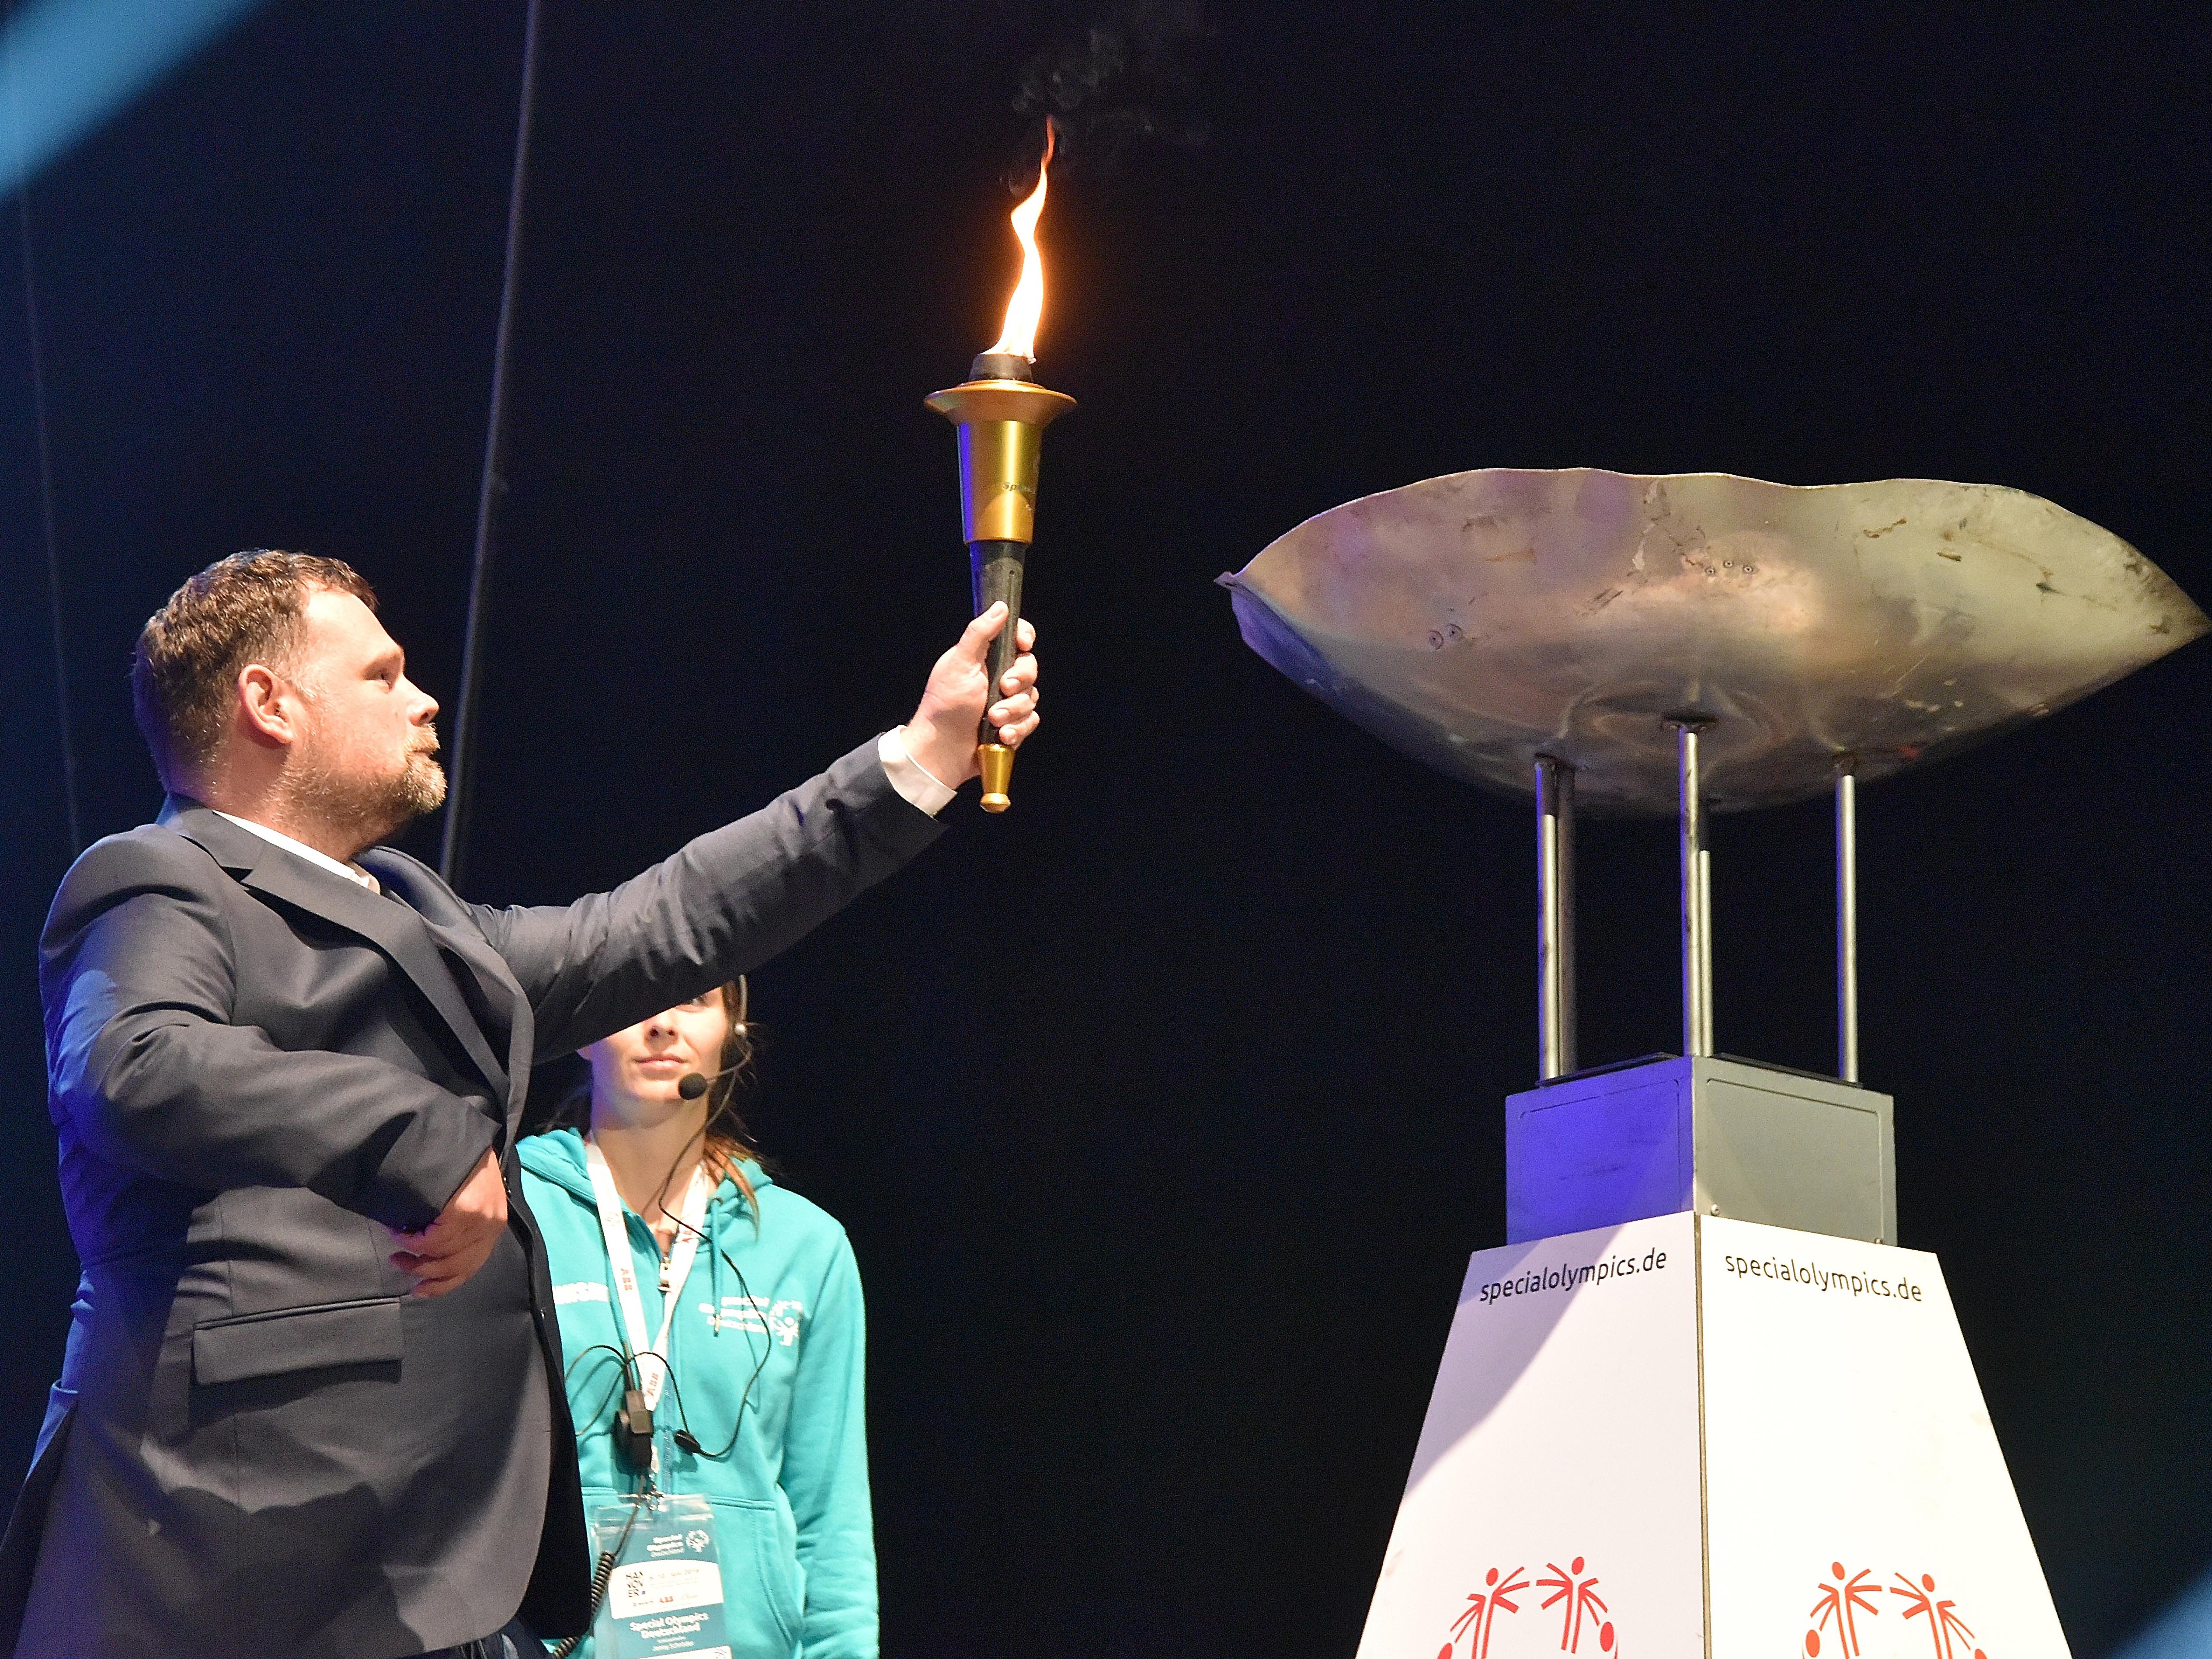 Mann hält Feuerfackel